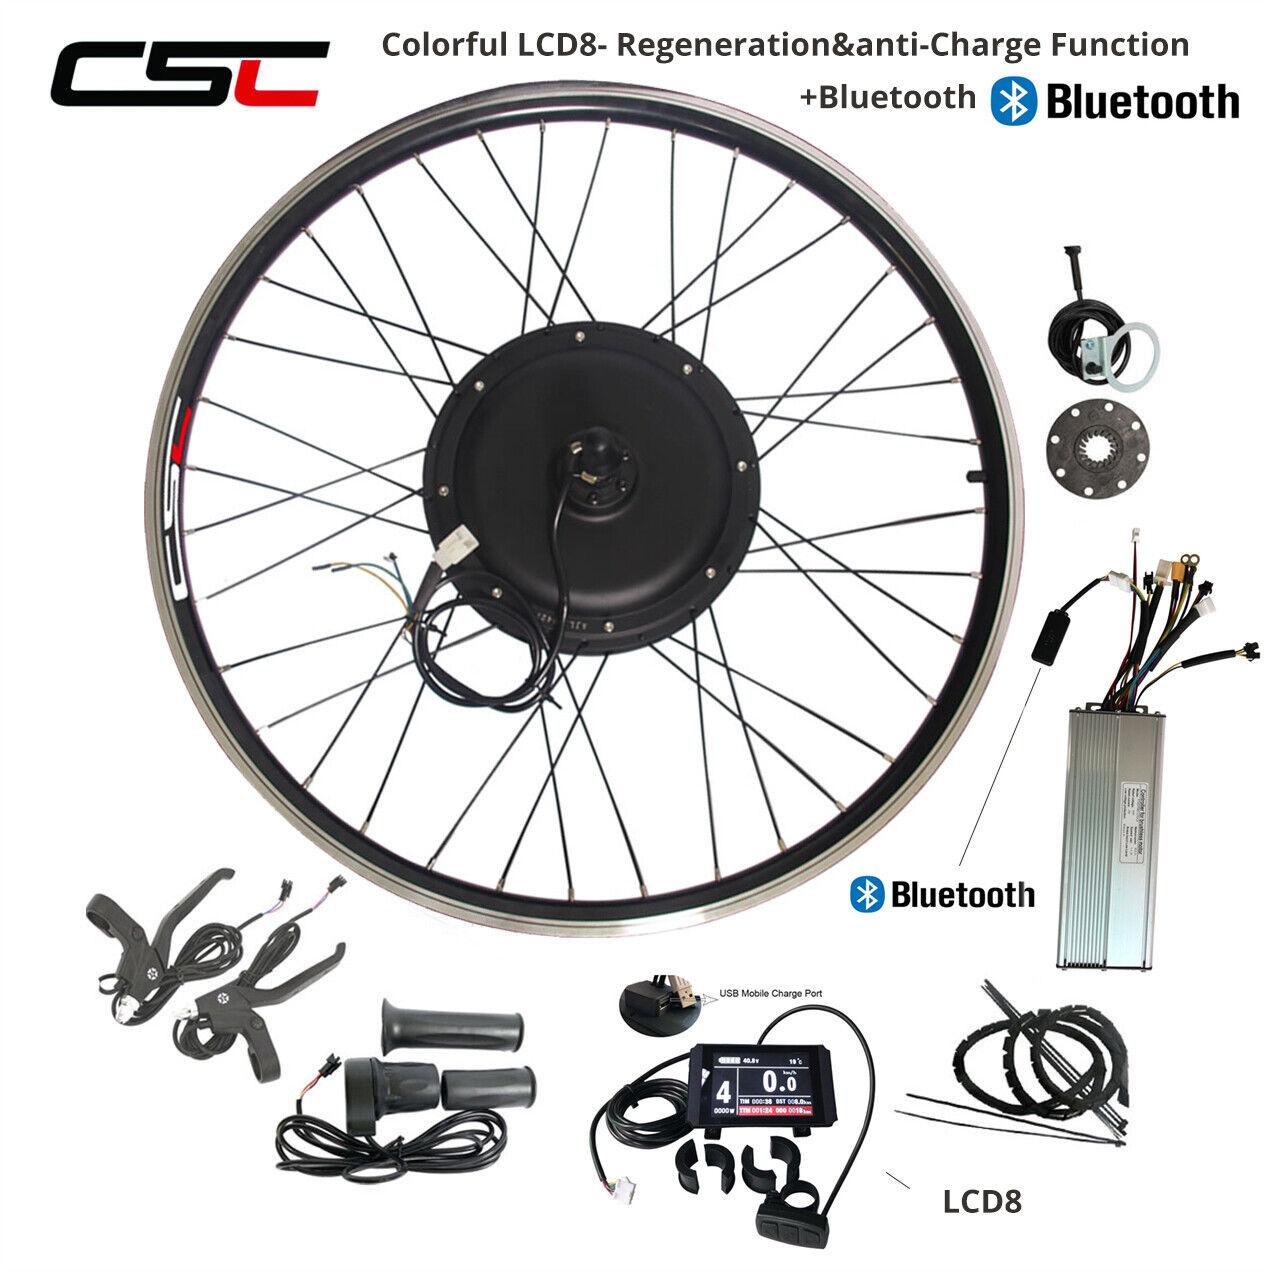 48V 500W 1500W Kit de motor de bicicleta eléctrica 27.5 28 29 Pulgadas Kit sin cepillo del Motor